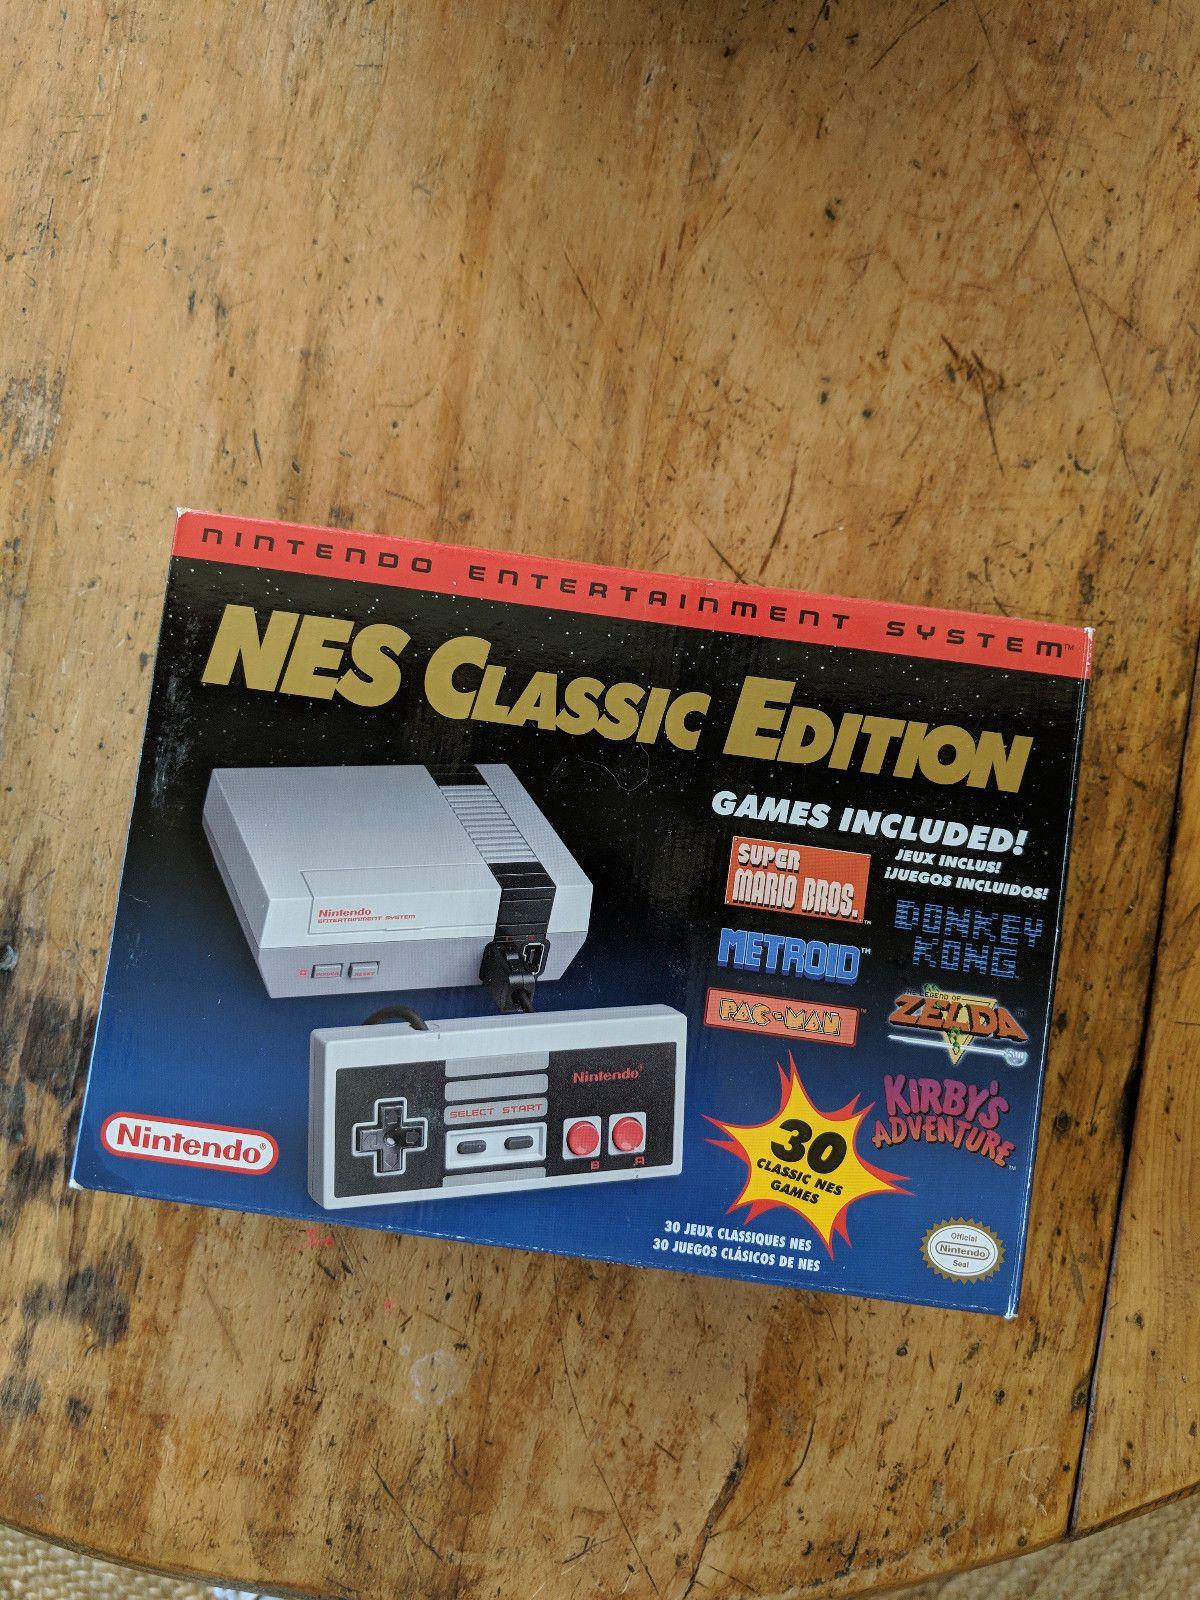 Nintendo Mini Nes Classic Edition Console